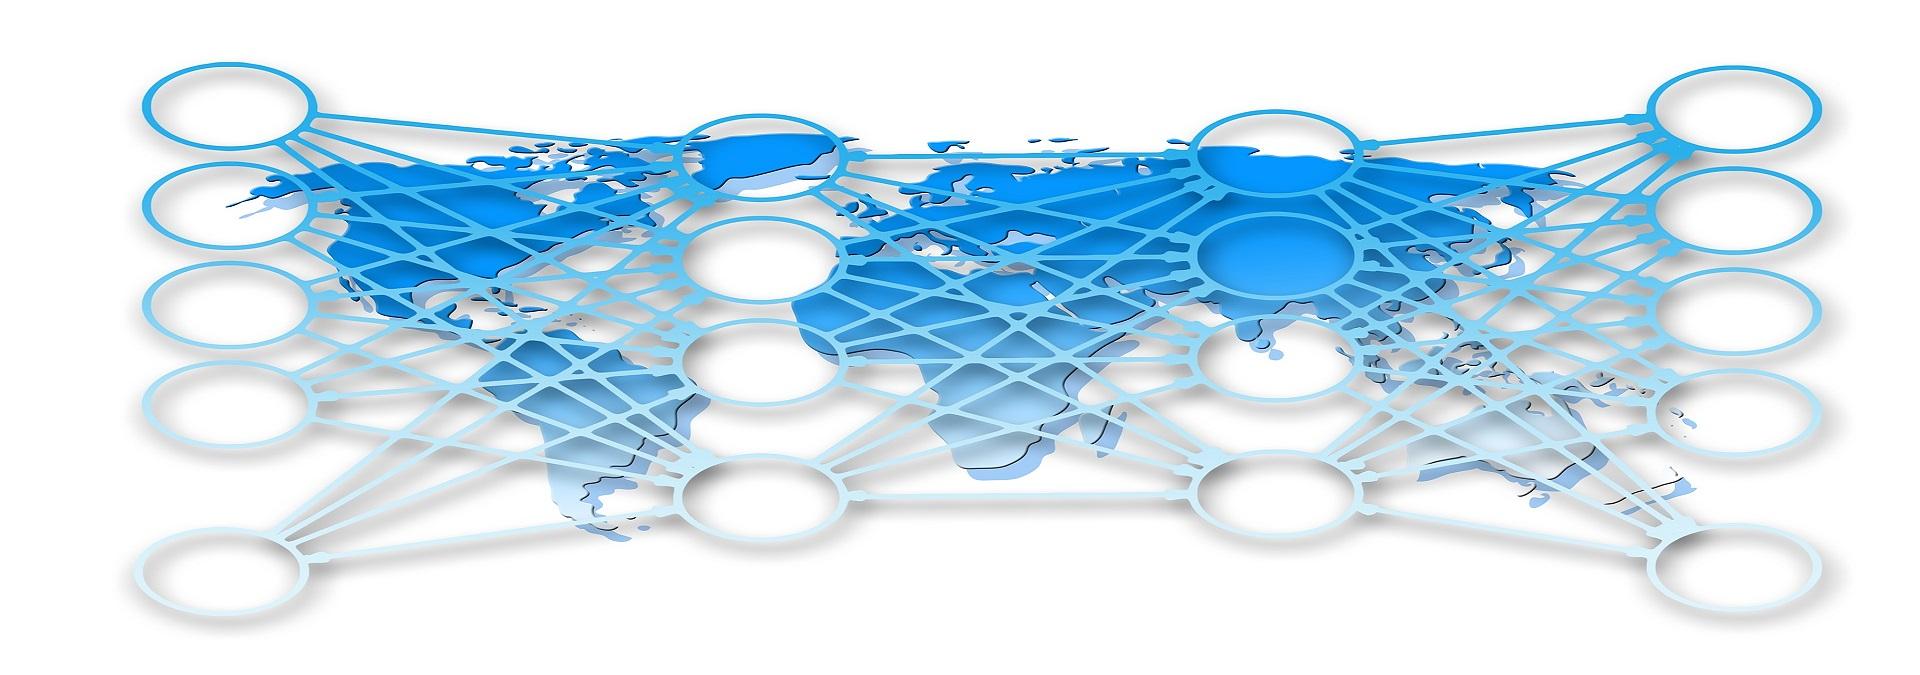 E-ihracat, sosyal ve ekonomik anlamda köklü değişimlere neden oluyor.